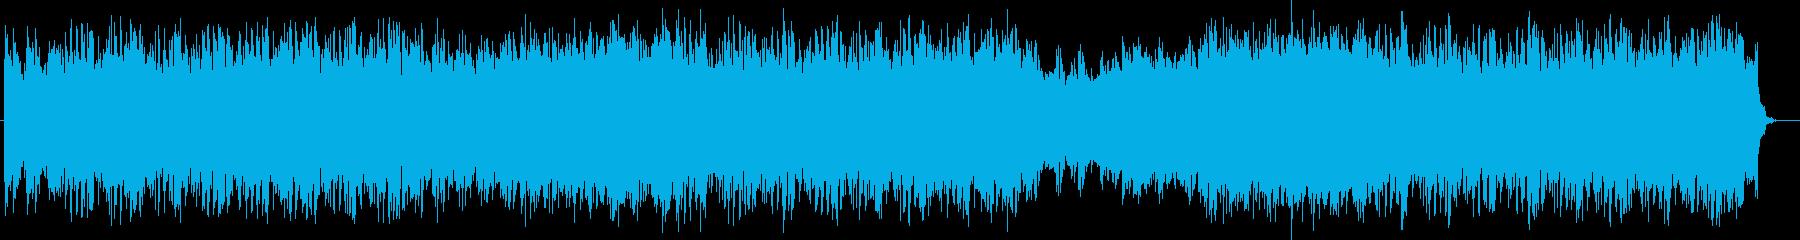 近未来や宇宙感のシンセサイザーサウンドの再生済みの波形